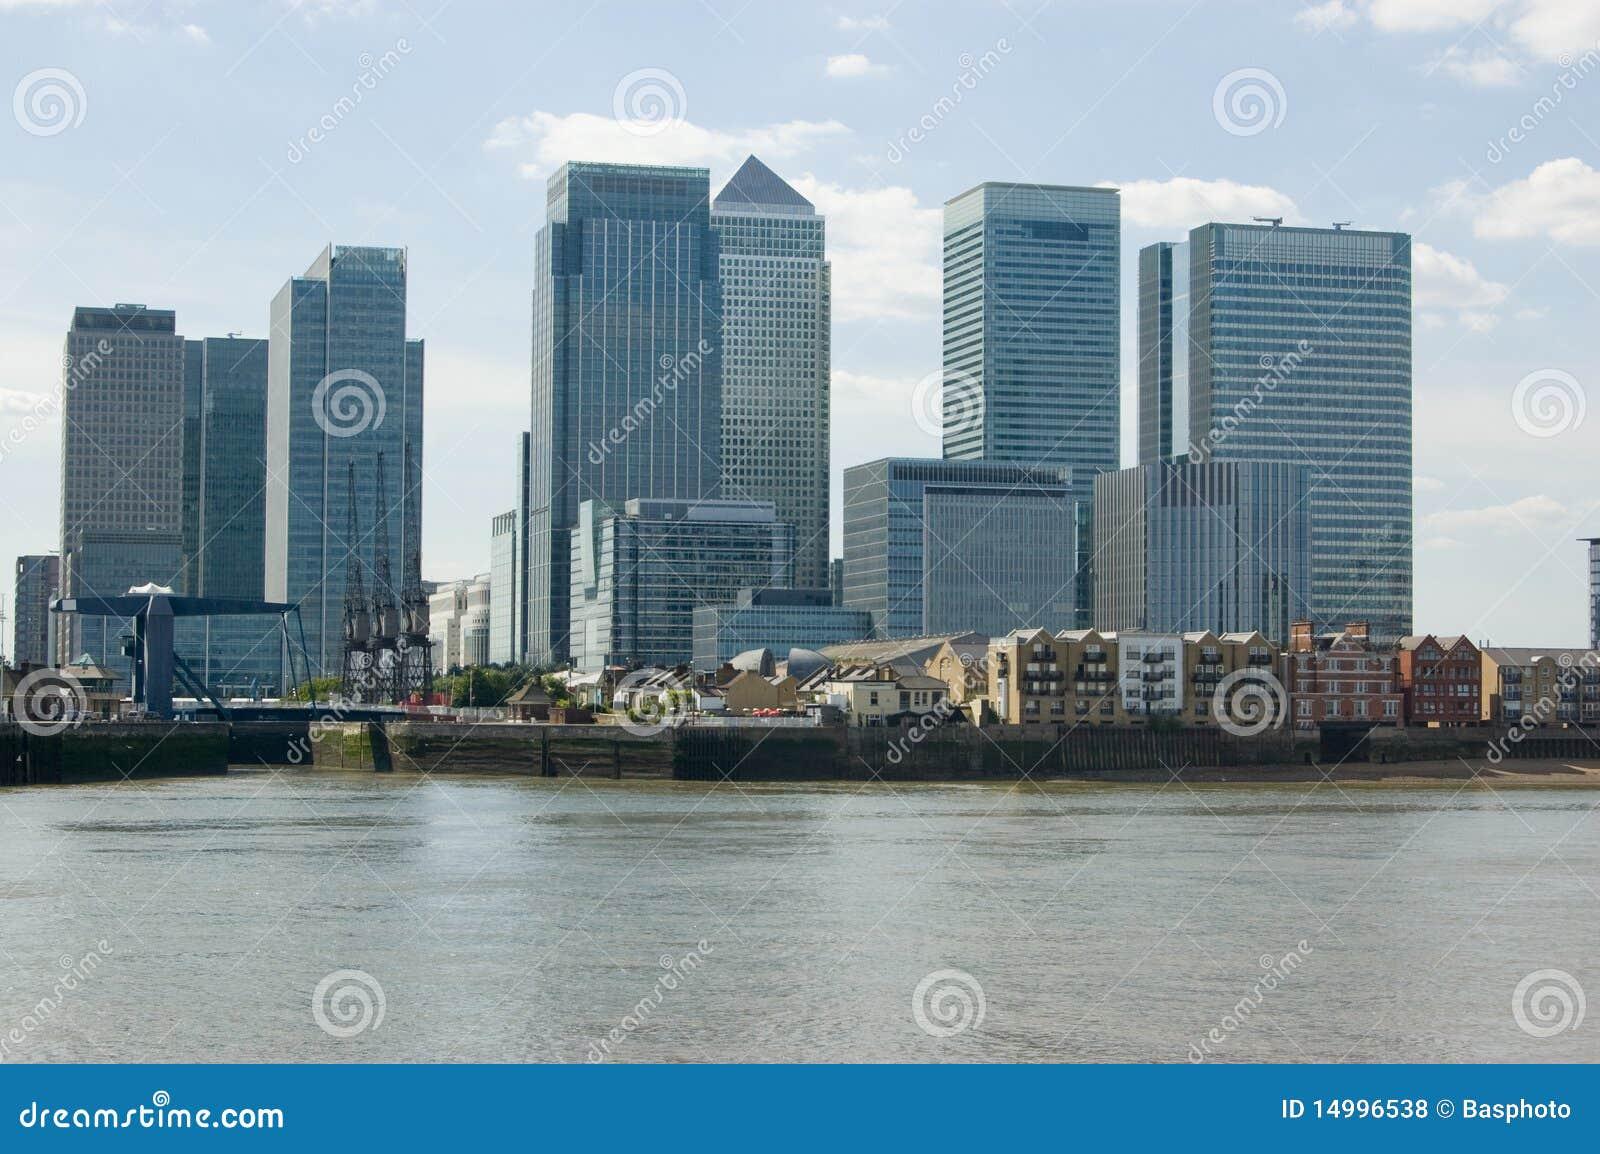 Molo color giallo canarino, Docklands di Londra, osservati da Greenw